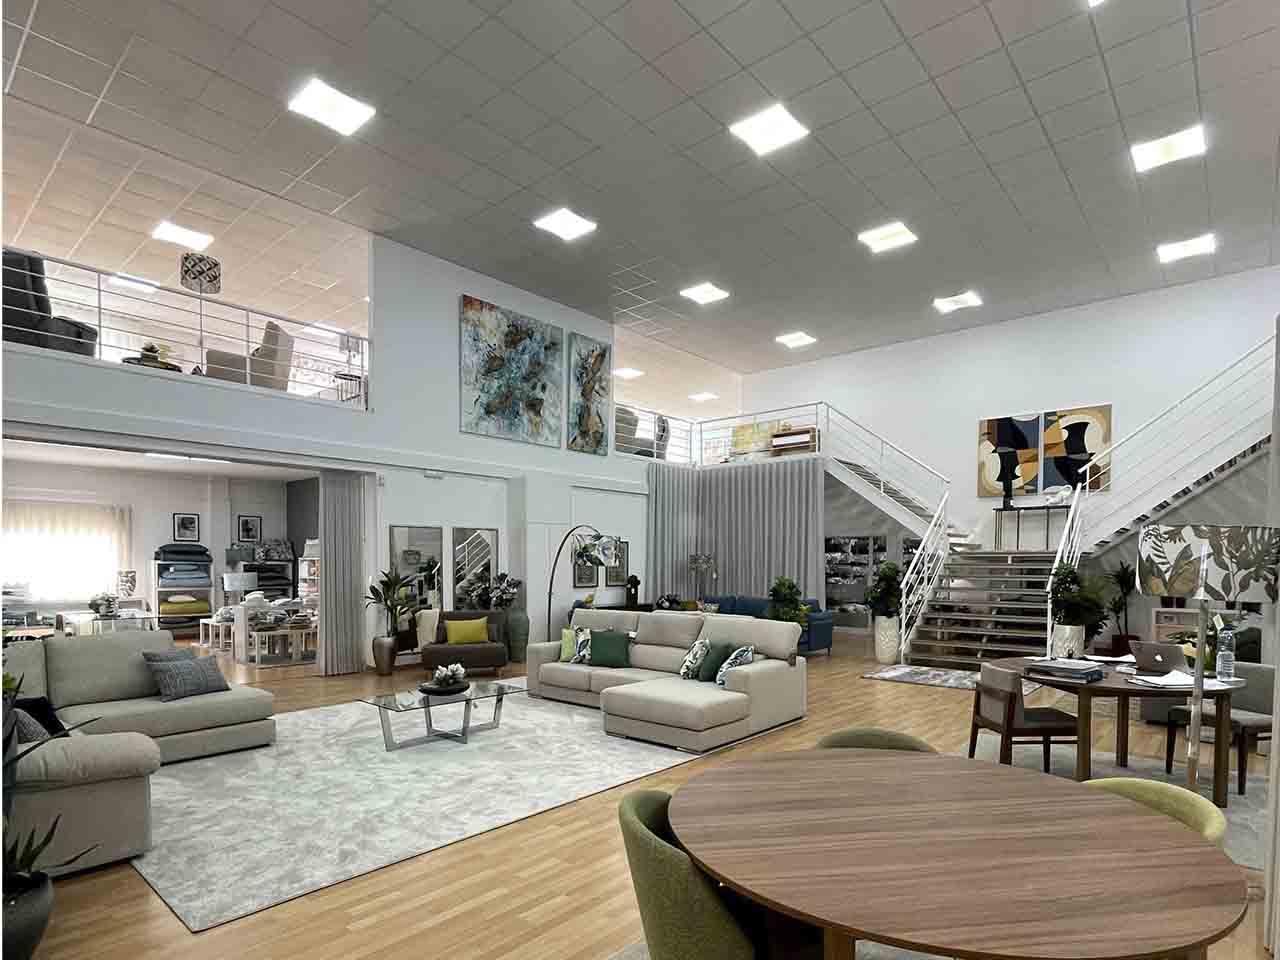 lisiarte-cortinados-decoração-interiores-caldasdarainha-oeste-sãomartinho-bomsucesso-lisboa-praiadelrey